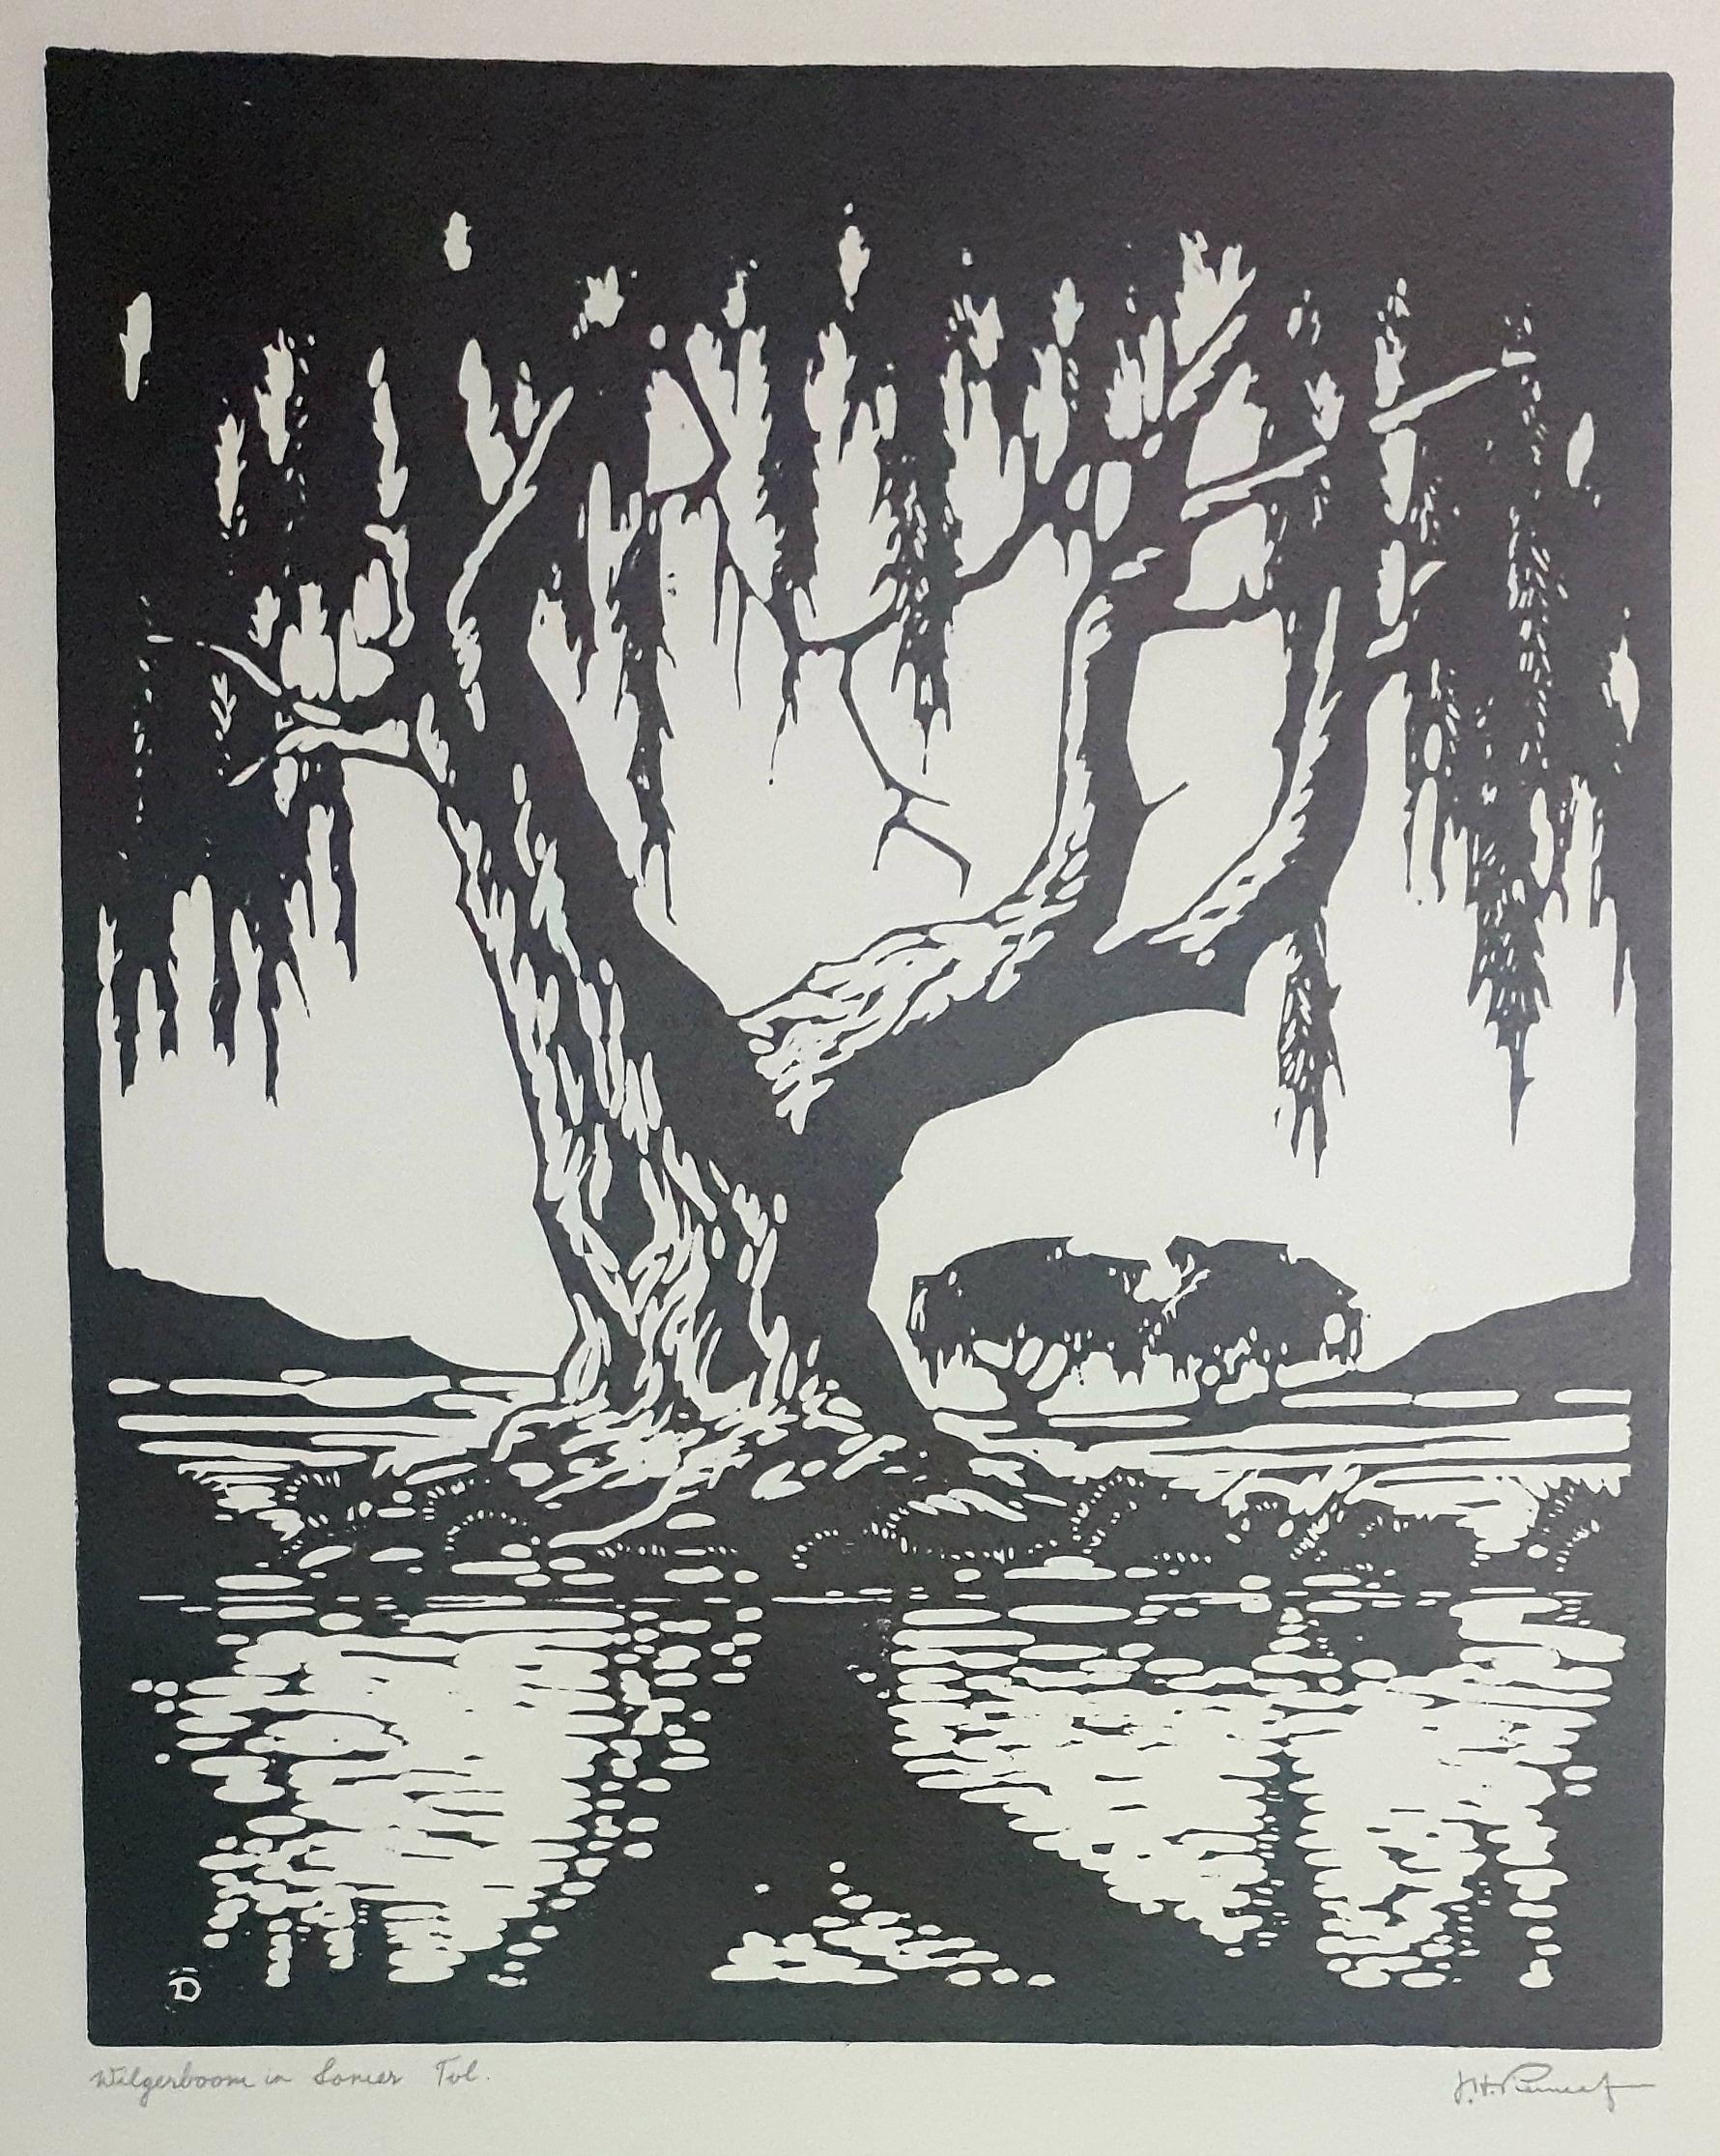 pierneef Wilgerboom in Somer Tvl